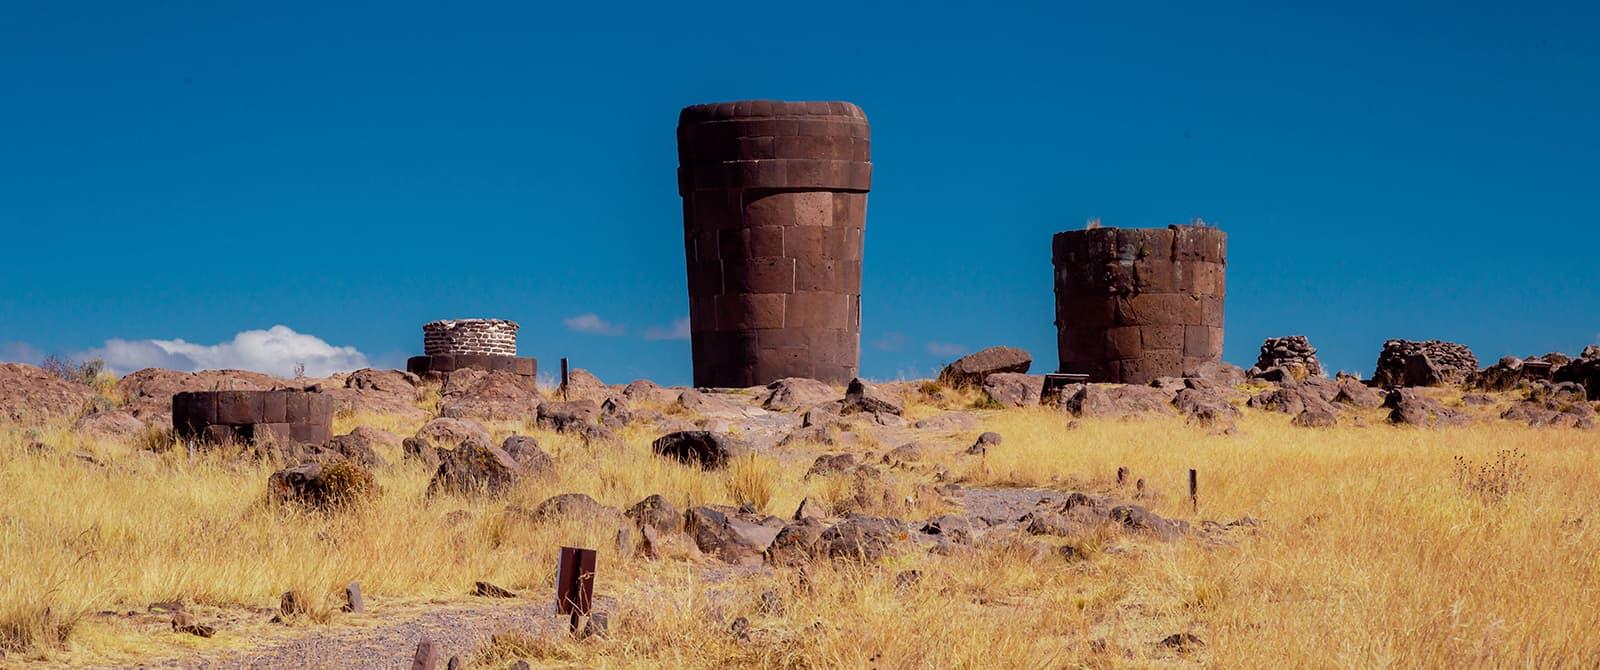 chulpas of sillustani in Puno